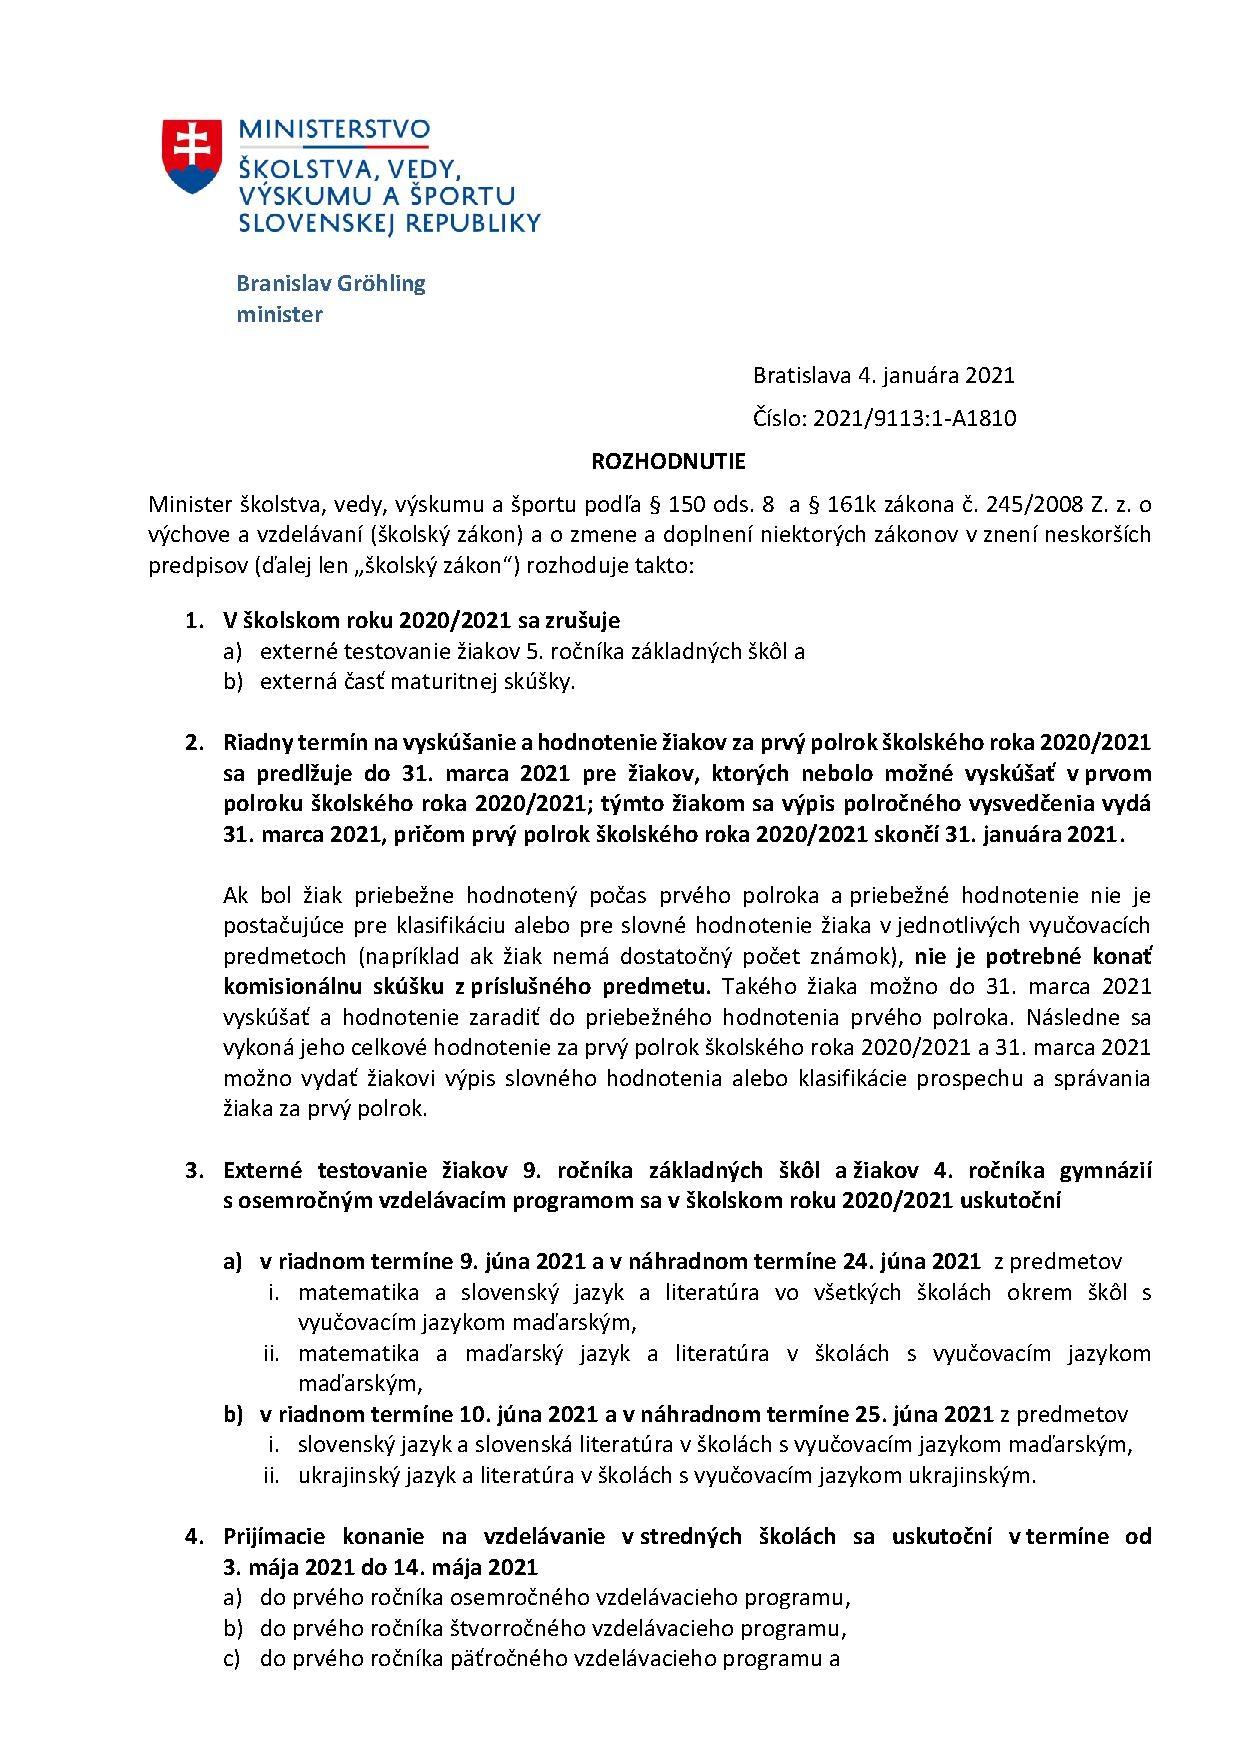 Rozhodnutie ministra 4.1. 2021